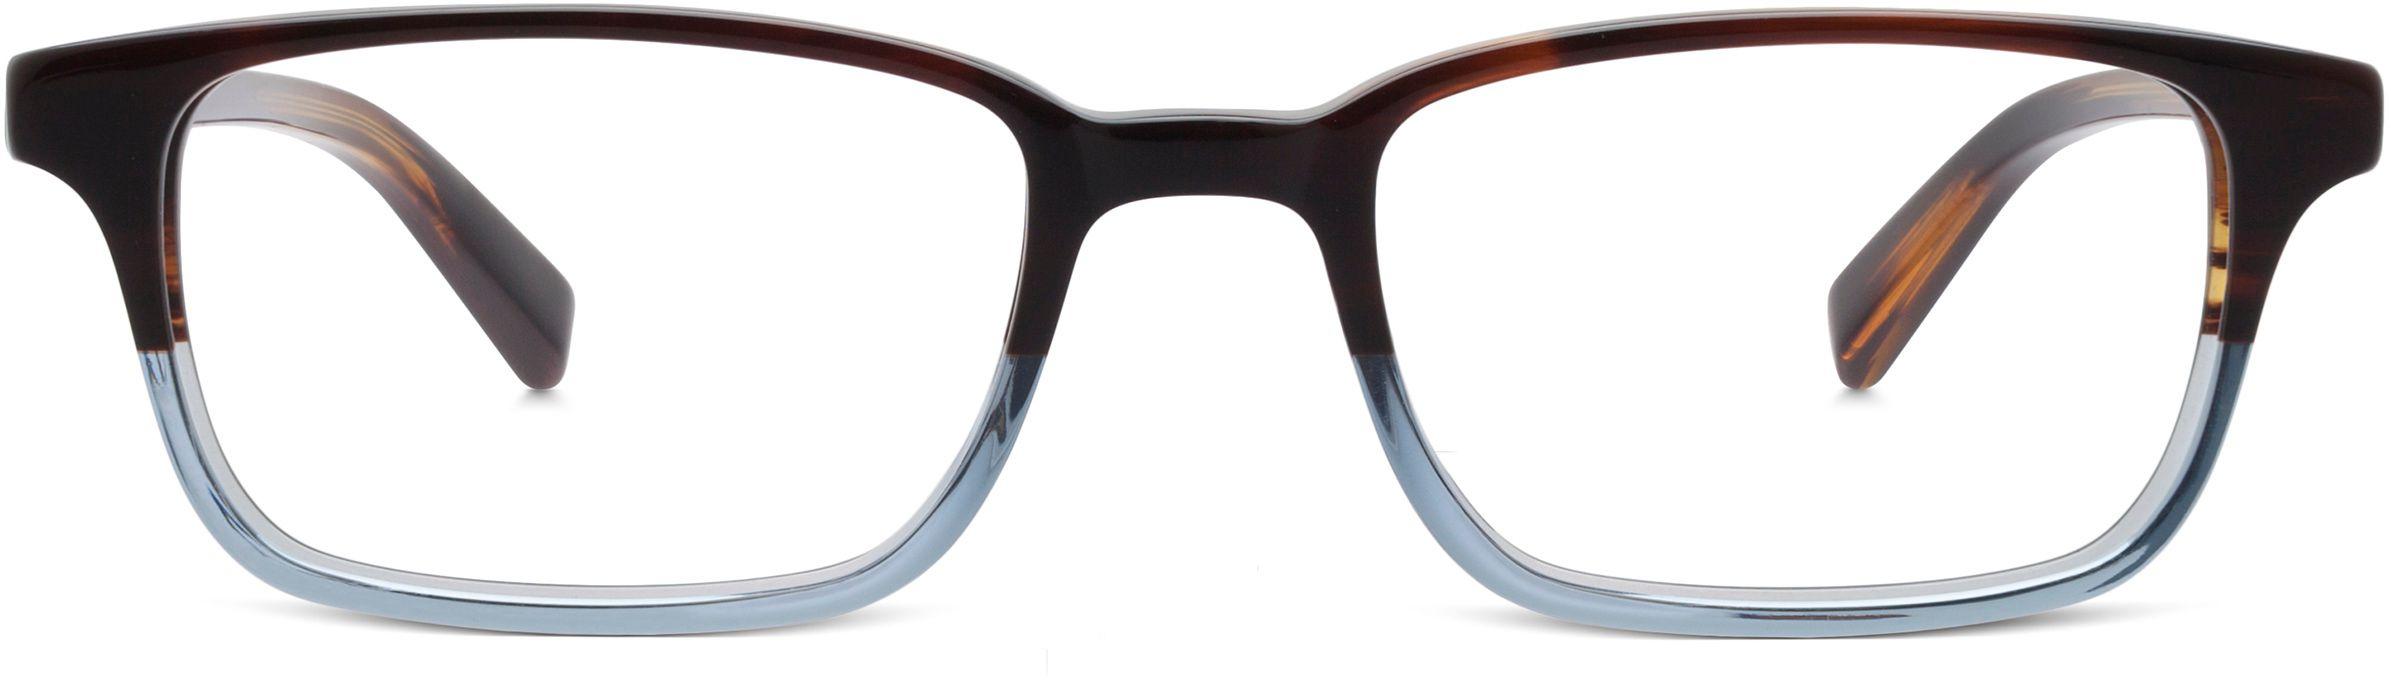 Men wilkie eyeglasses eastern bluebird fade front 1402 8d47414e